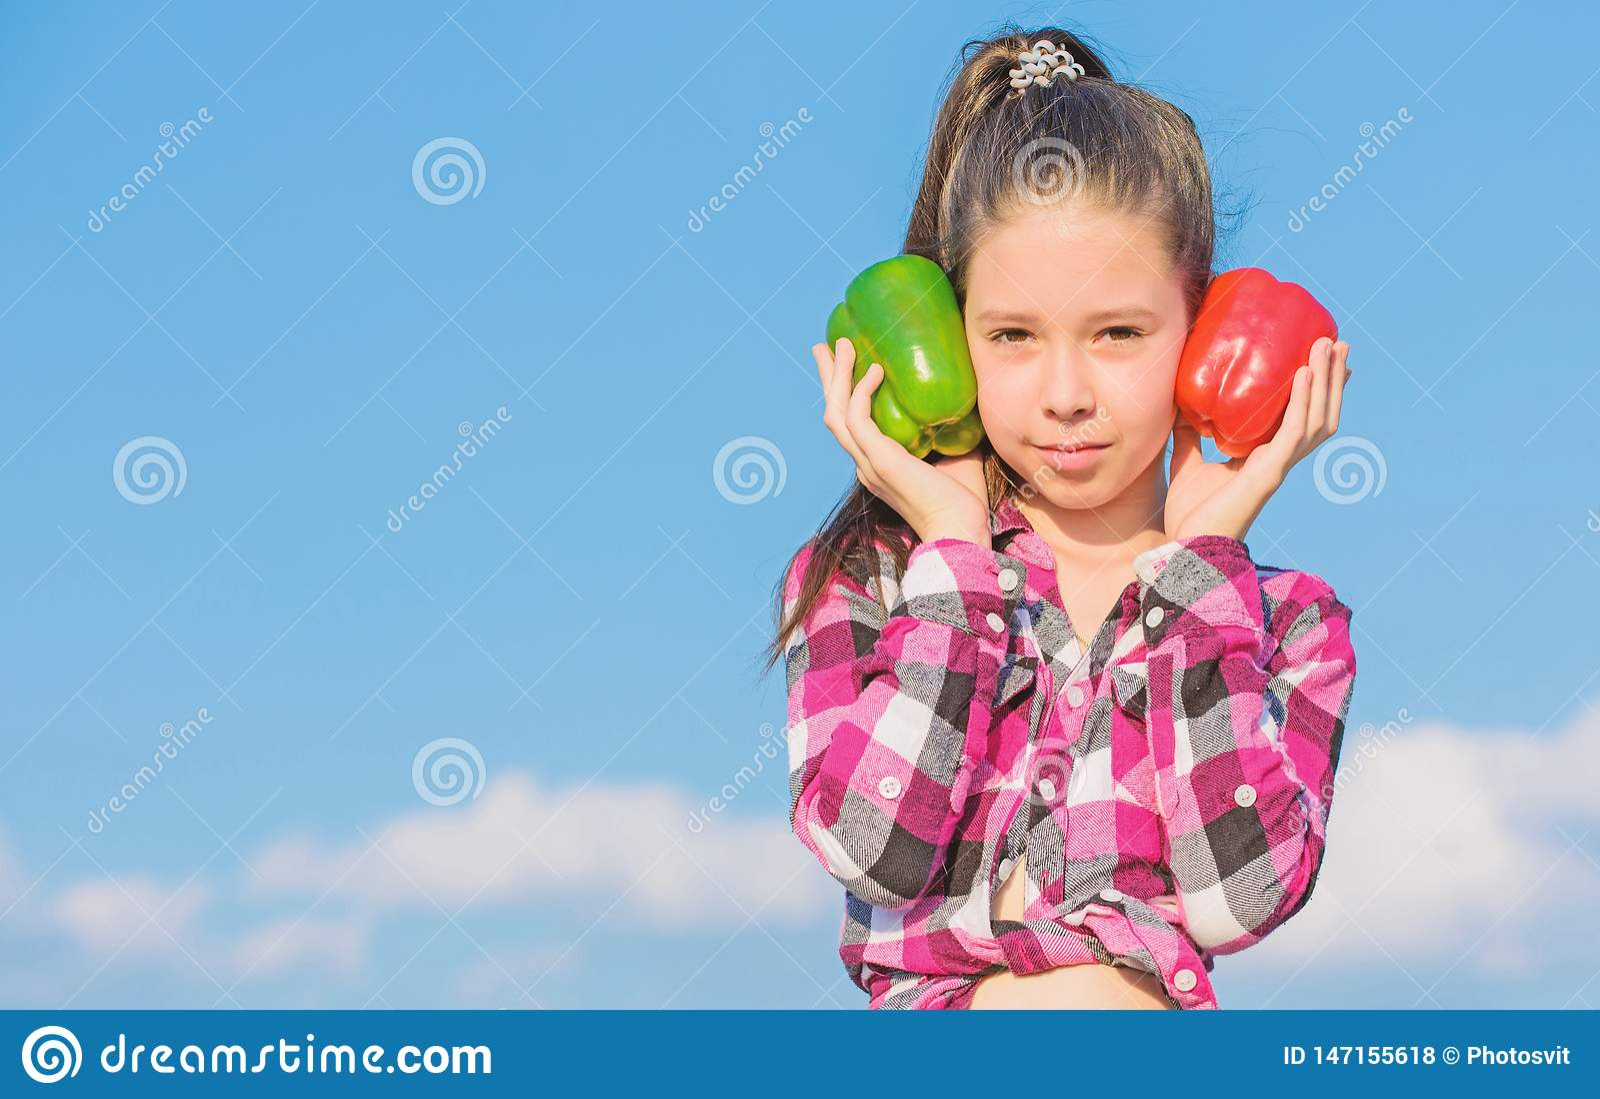 Παιδί που παρουσιάζει τα είδη πιπεριού Homegrown λαχανικά συγκομιδών πτώσης Ποιο πιπέρι εσείς θα επέλεγε Χορτοφάγος έννοια